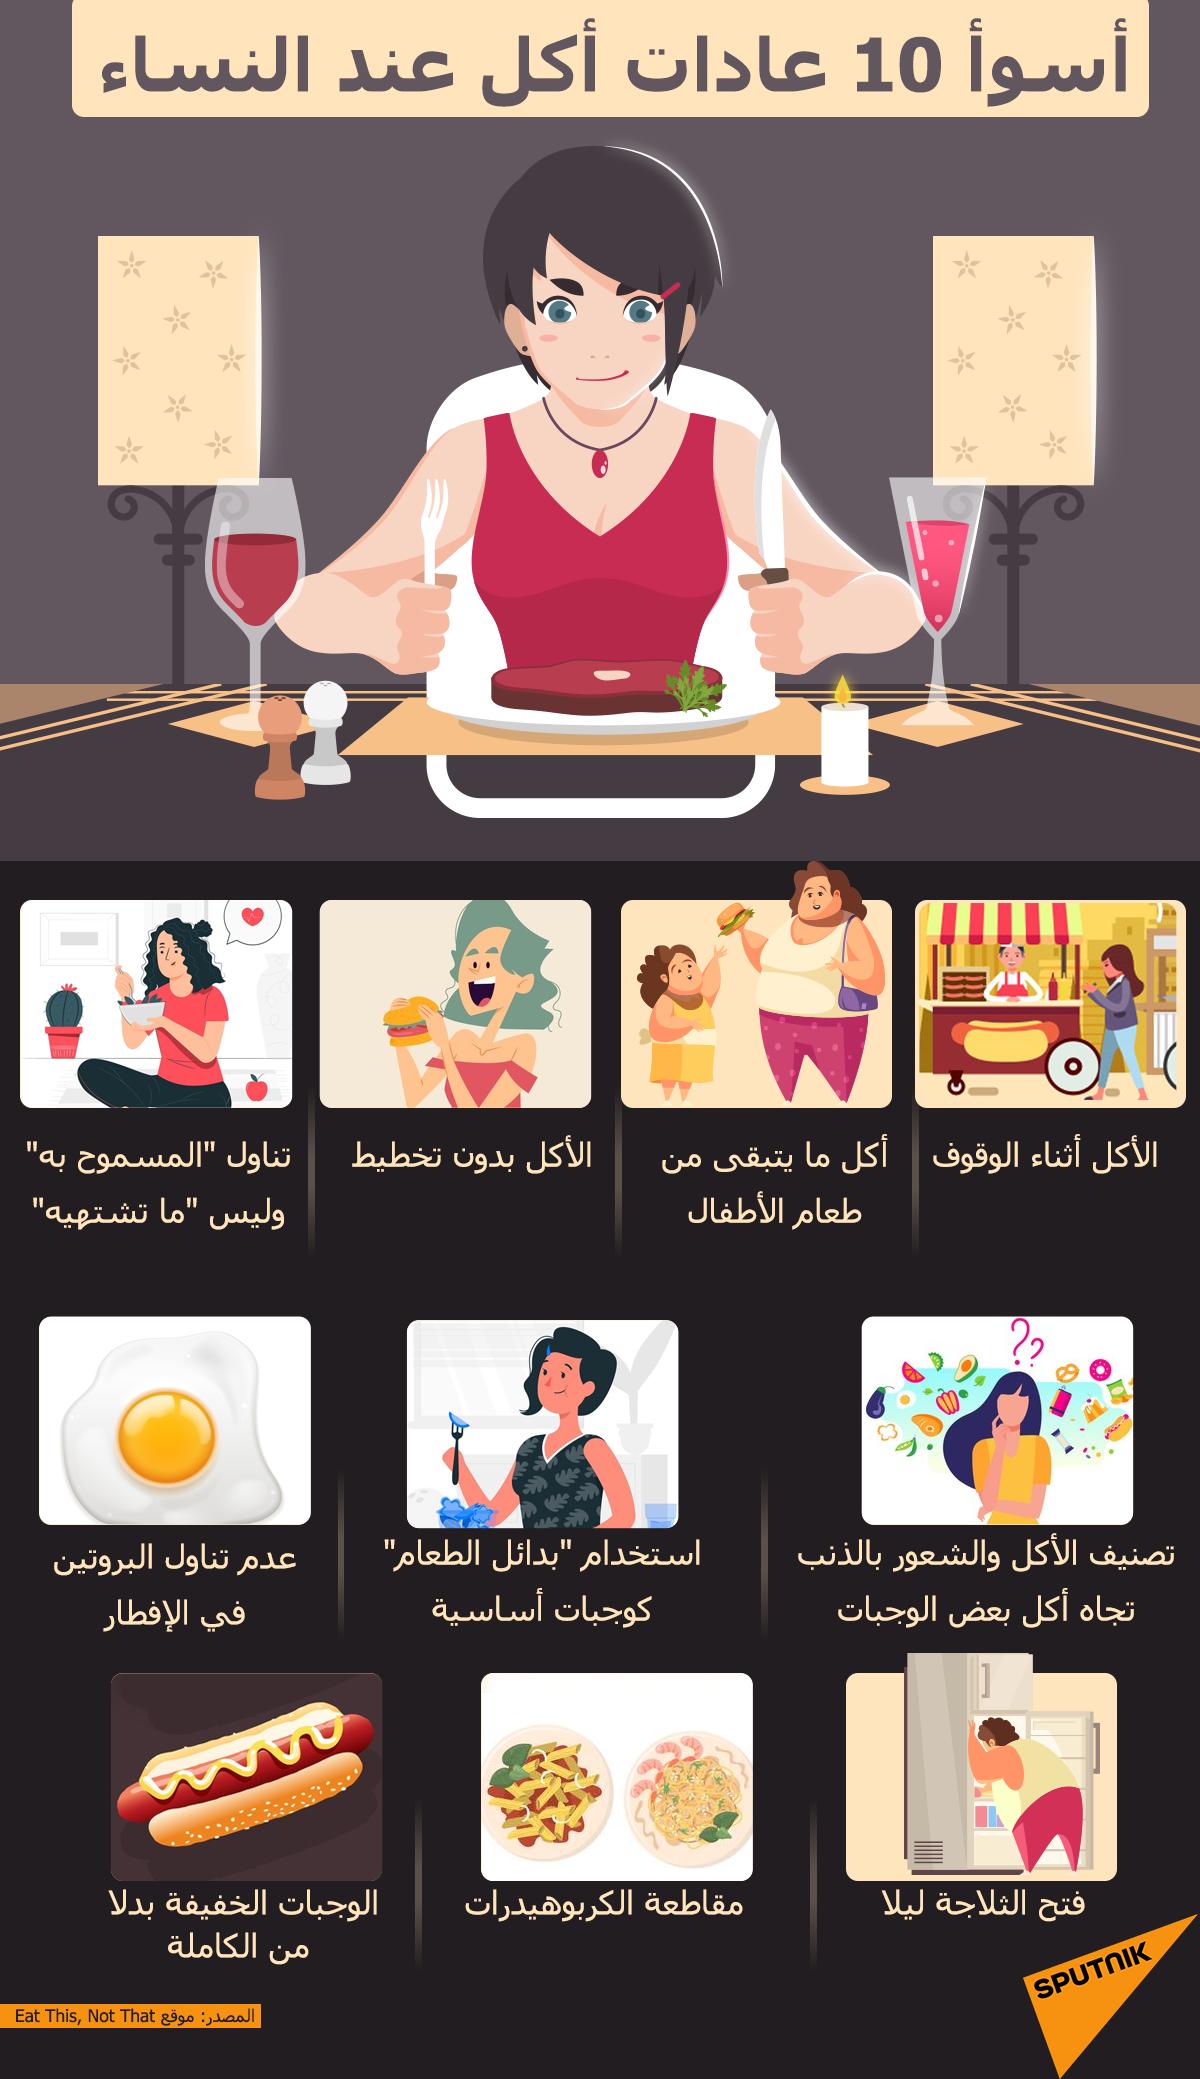 أسوأ 10 عادات للأكل عند النساء